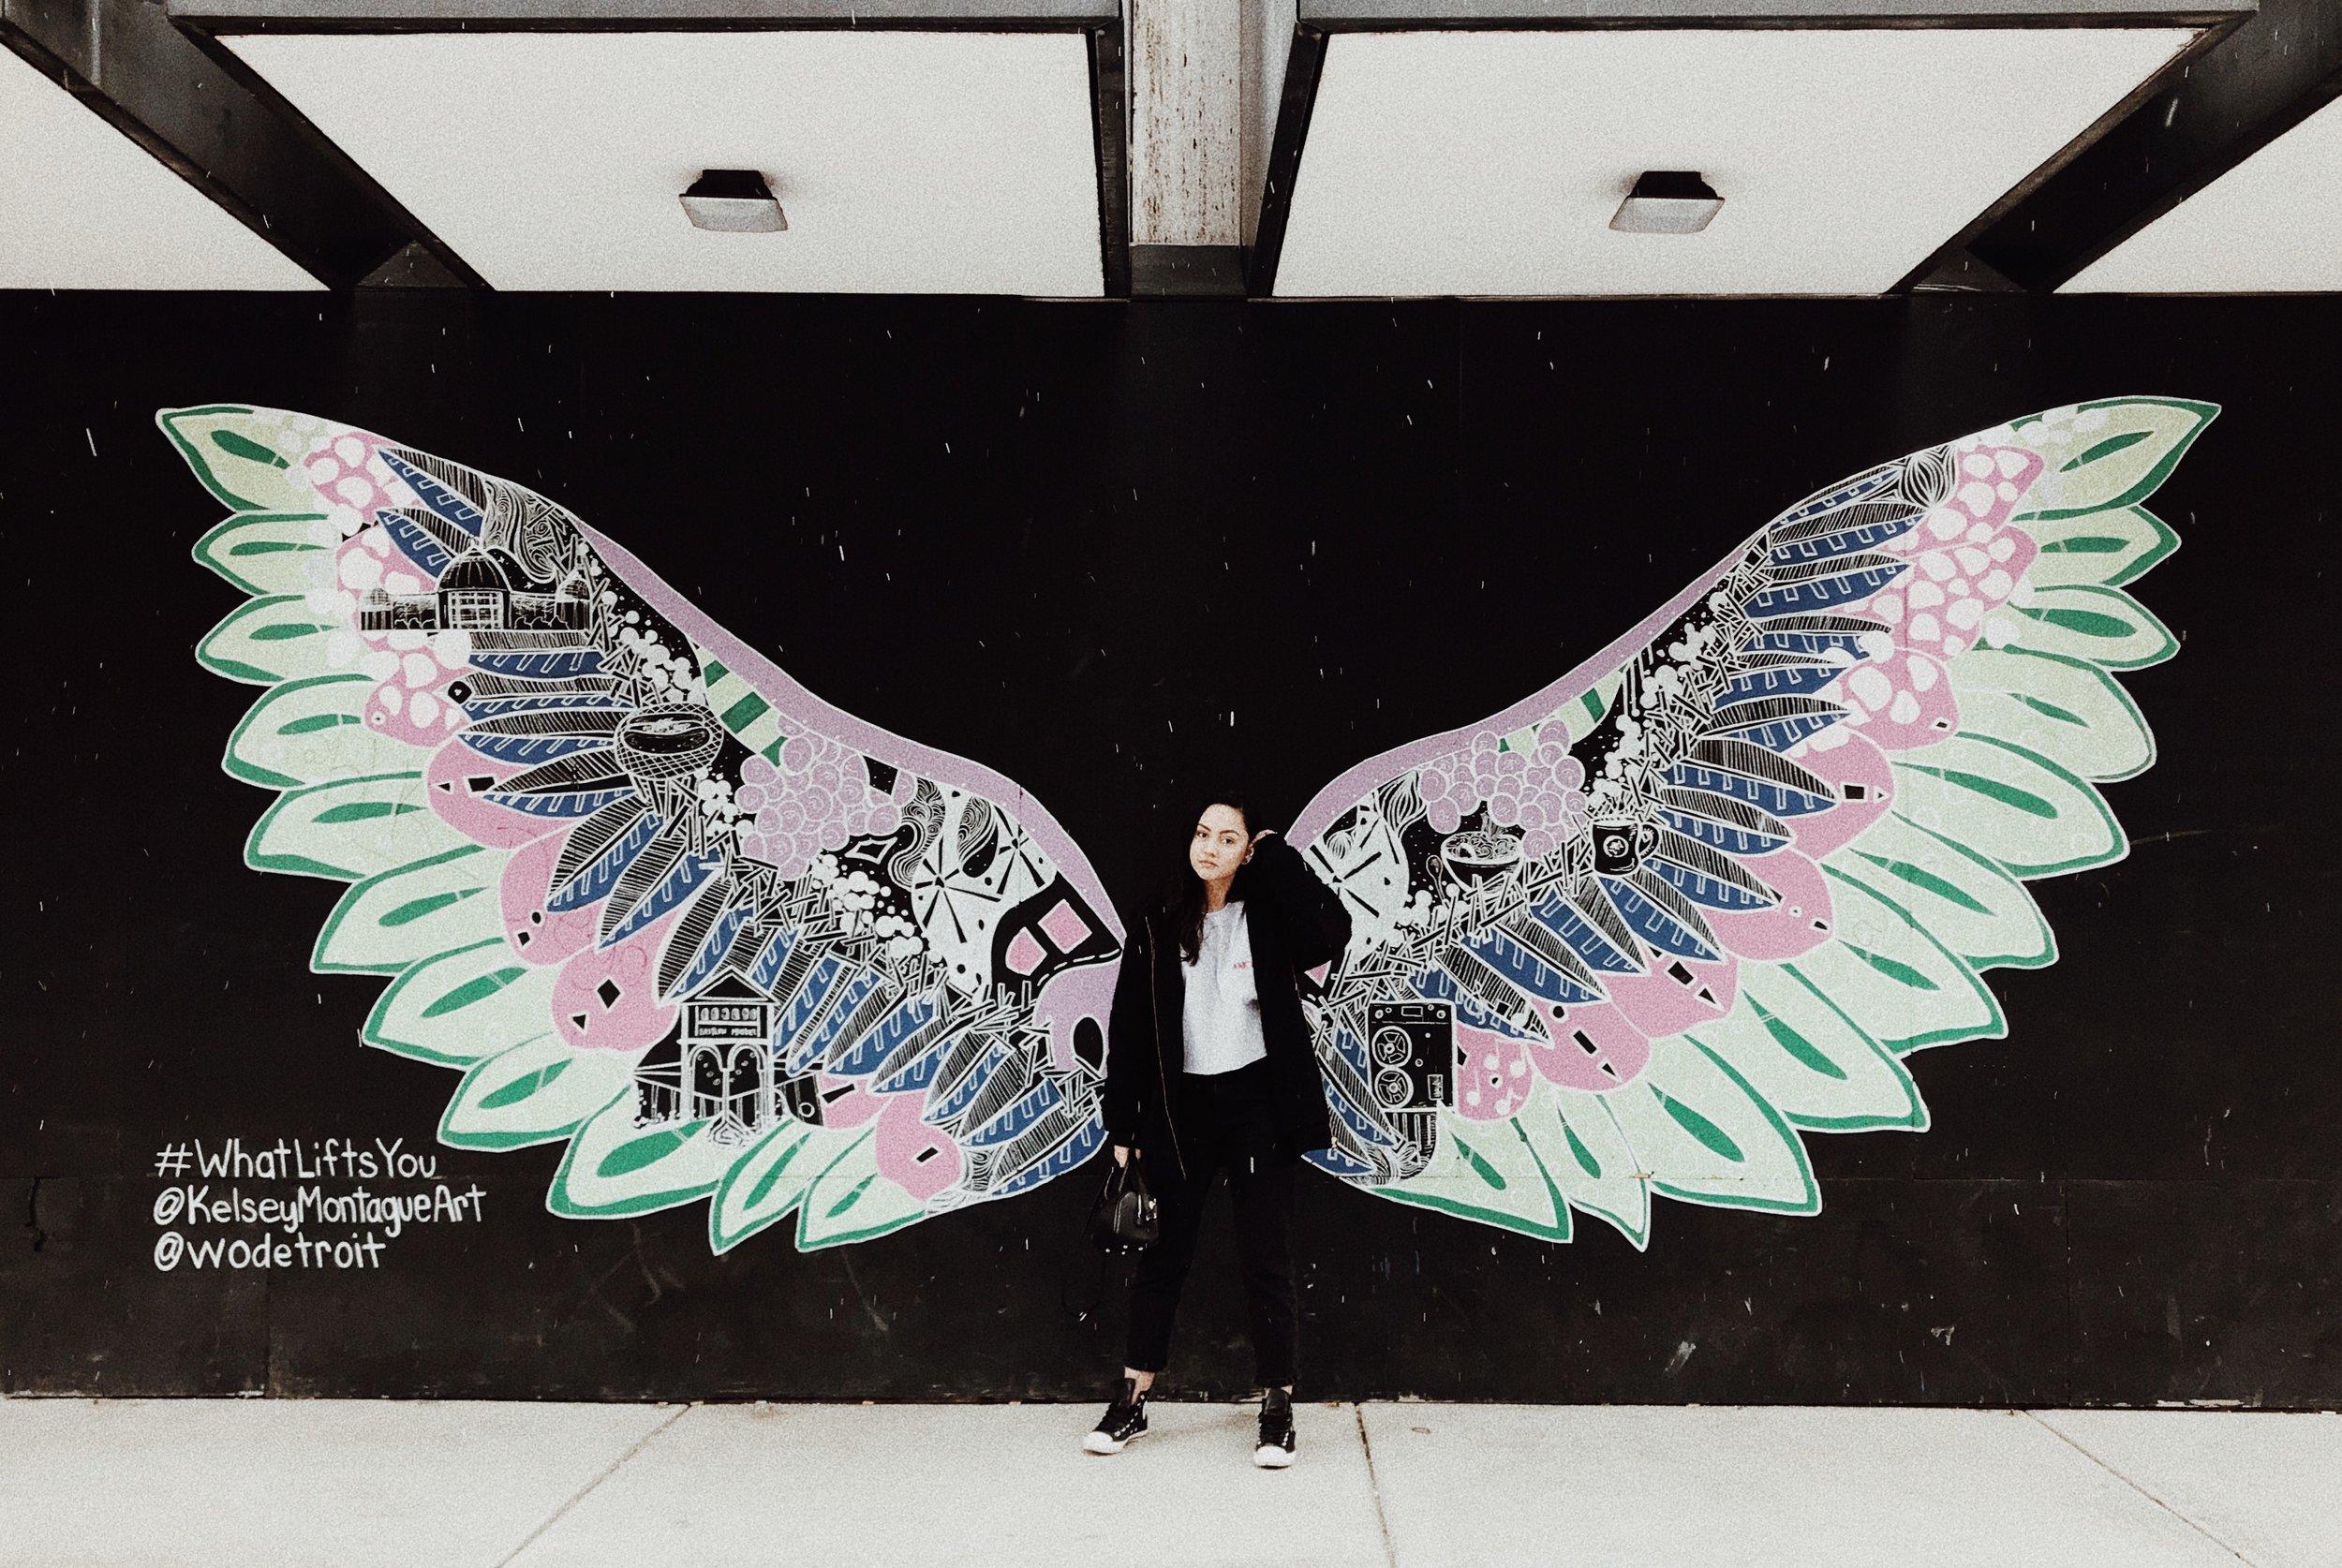 Wall art in Downtown Detroit